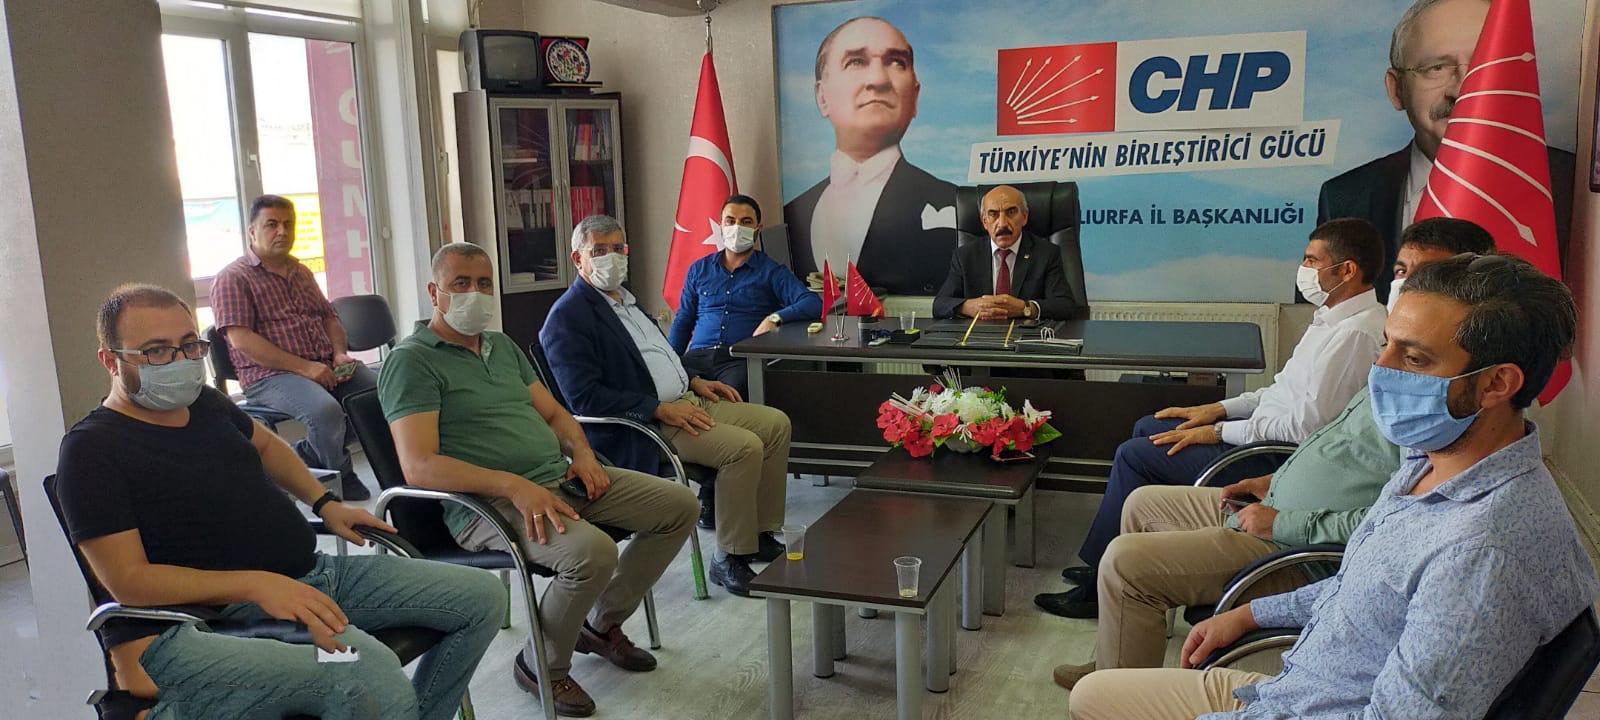 Gelecek Partisi İl Başkanlığından CHP'ye ziyaret!